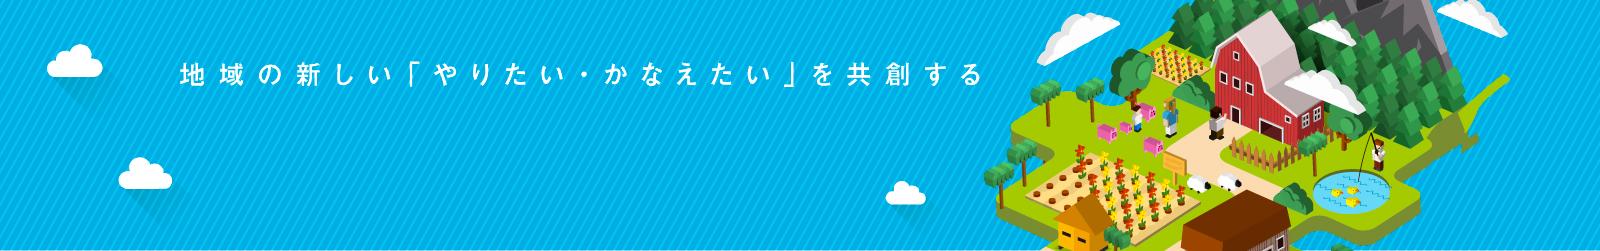 201508_header